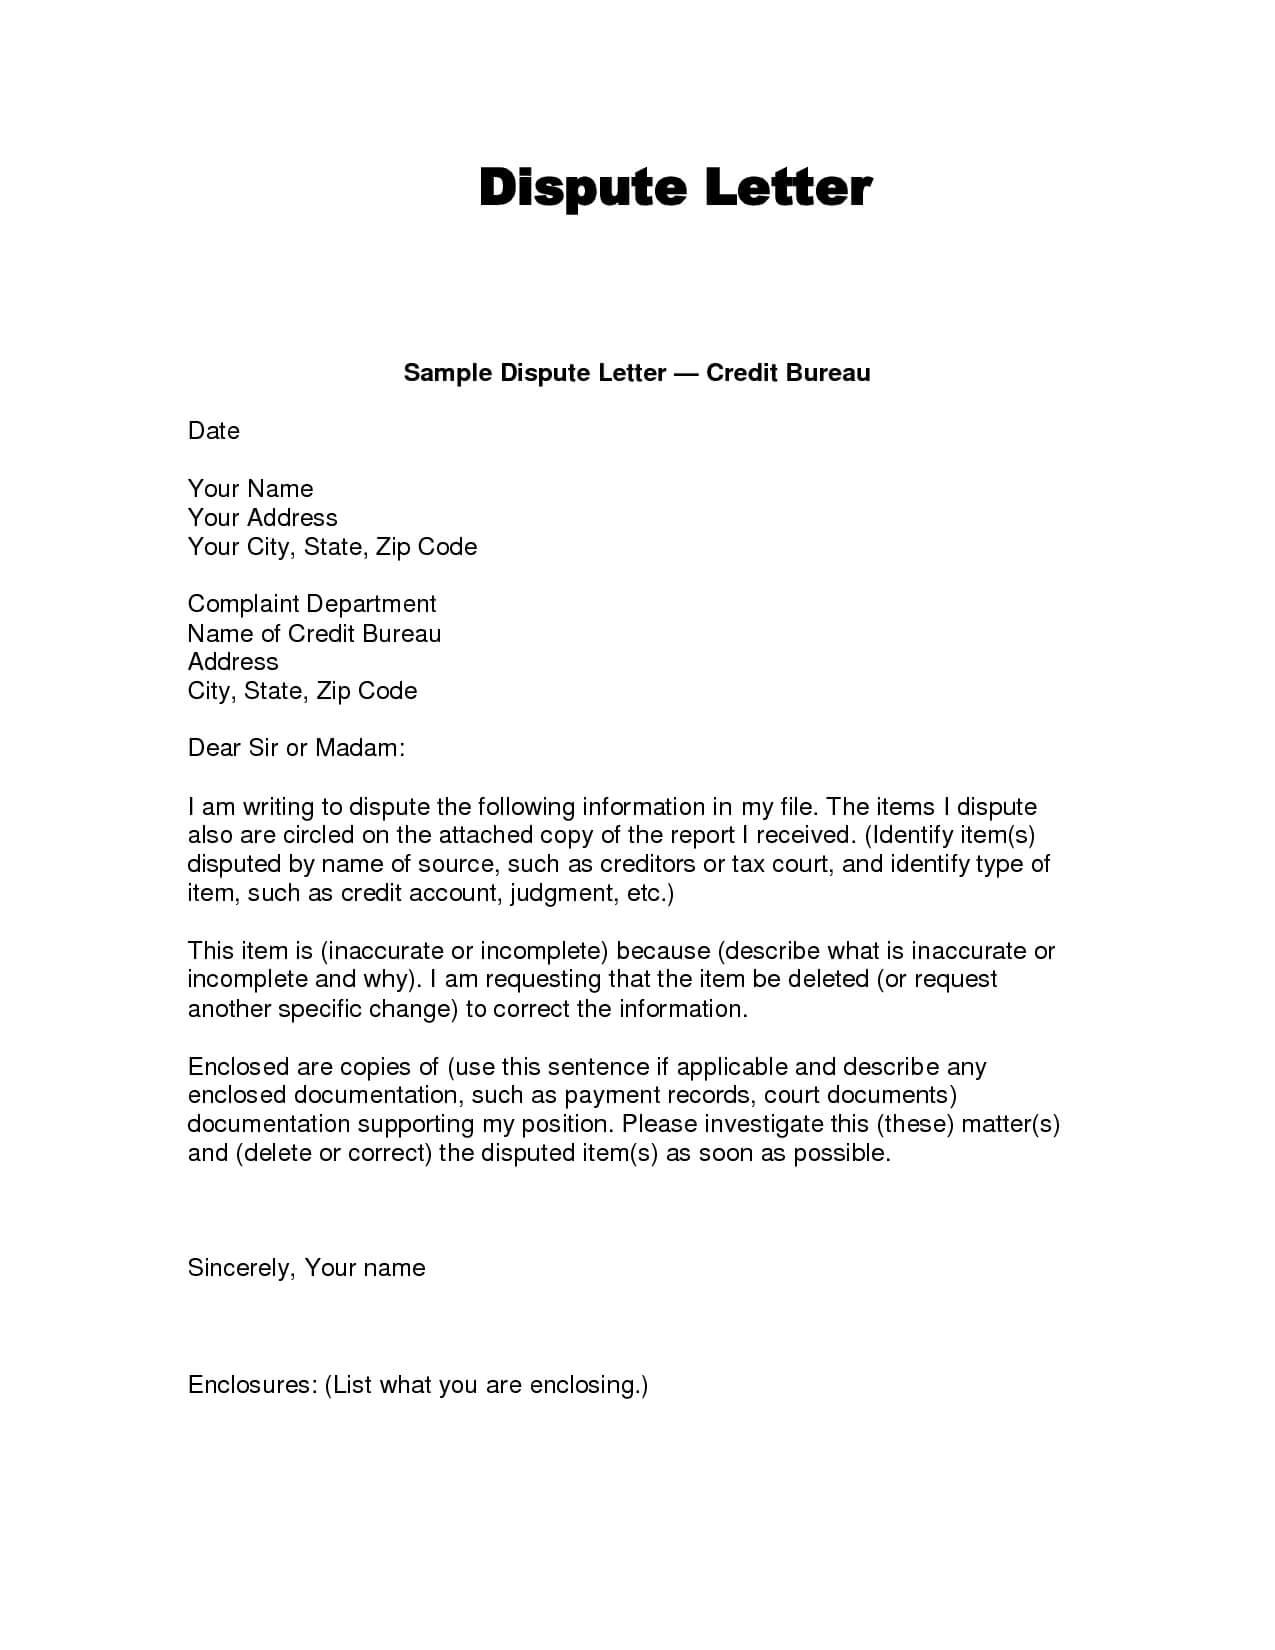 Writing Dispute Letter Format | Credit Bureaus, Lettering Throughout Credit Report Dispute Letter Template